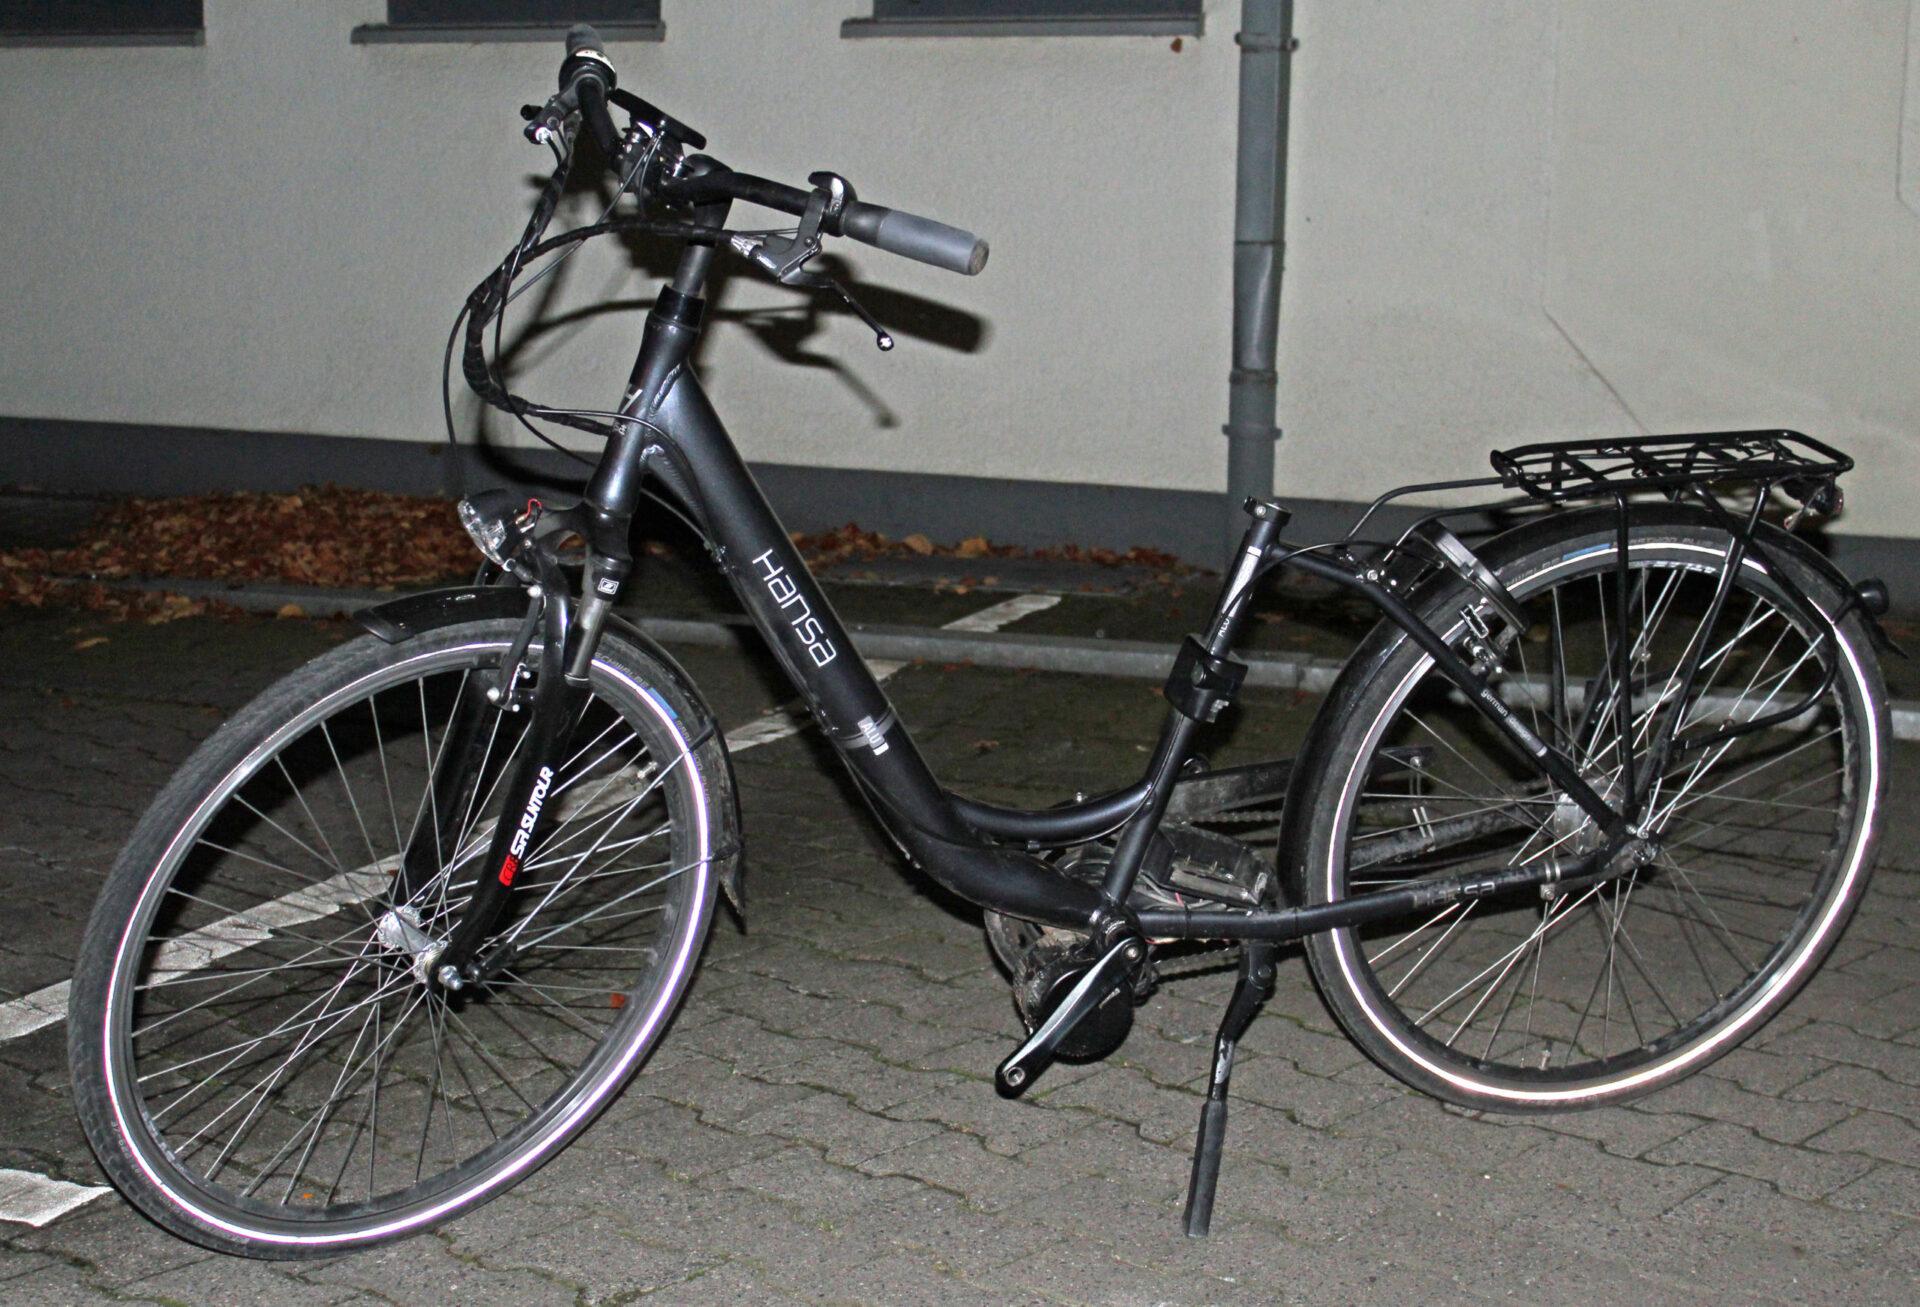 Neuwertiges E-Bike gefunden: Wem gehört es?